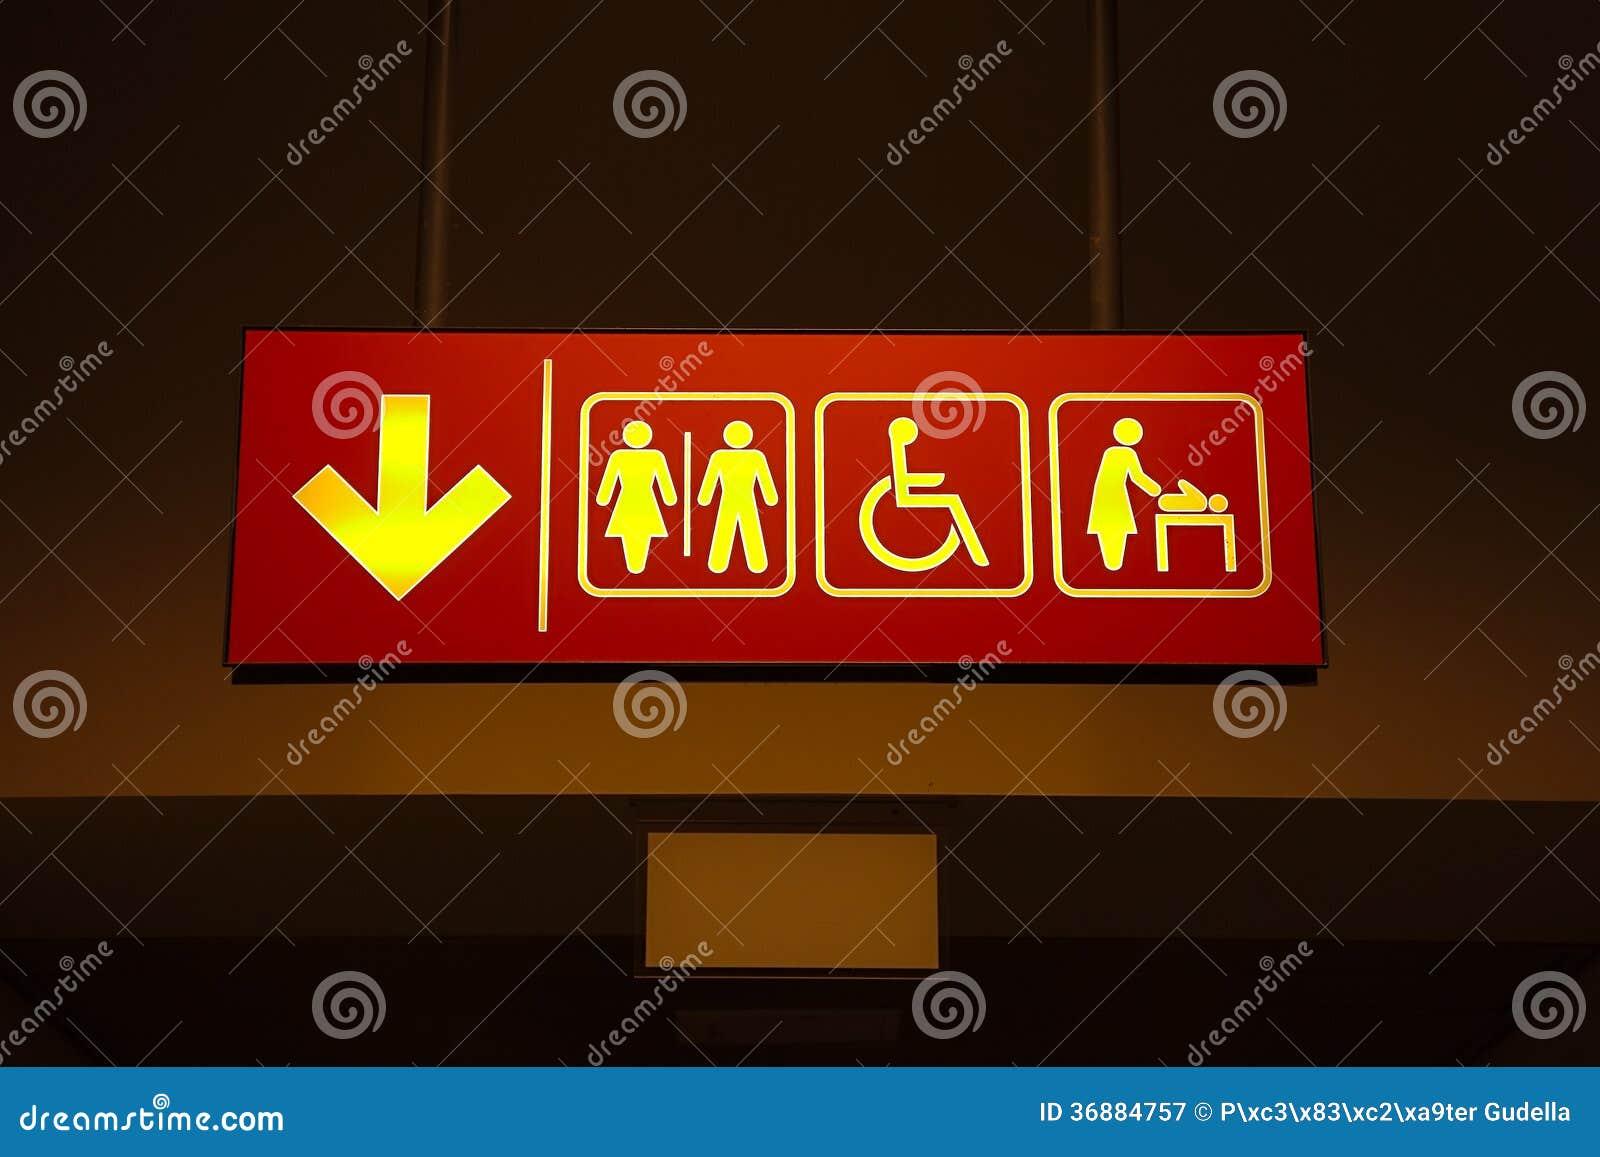 Download Toilette immagine stock. Immagine di background, accesso - 36884757